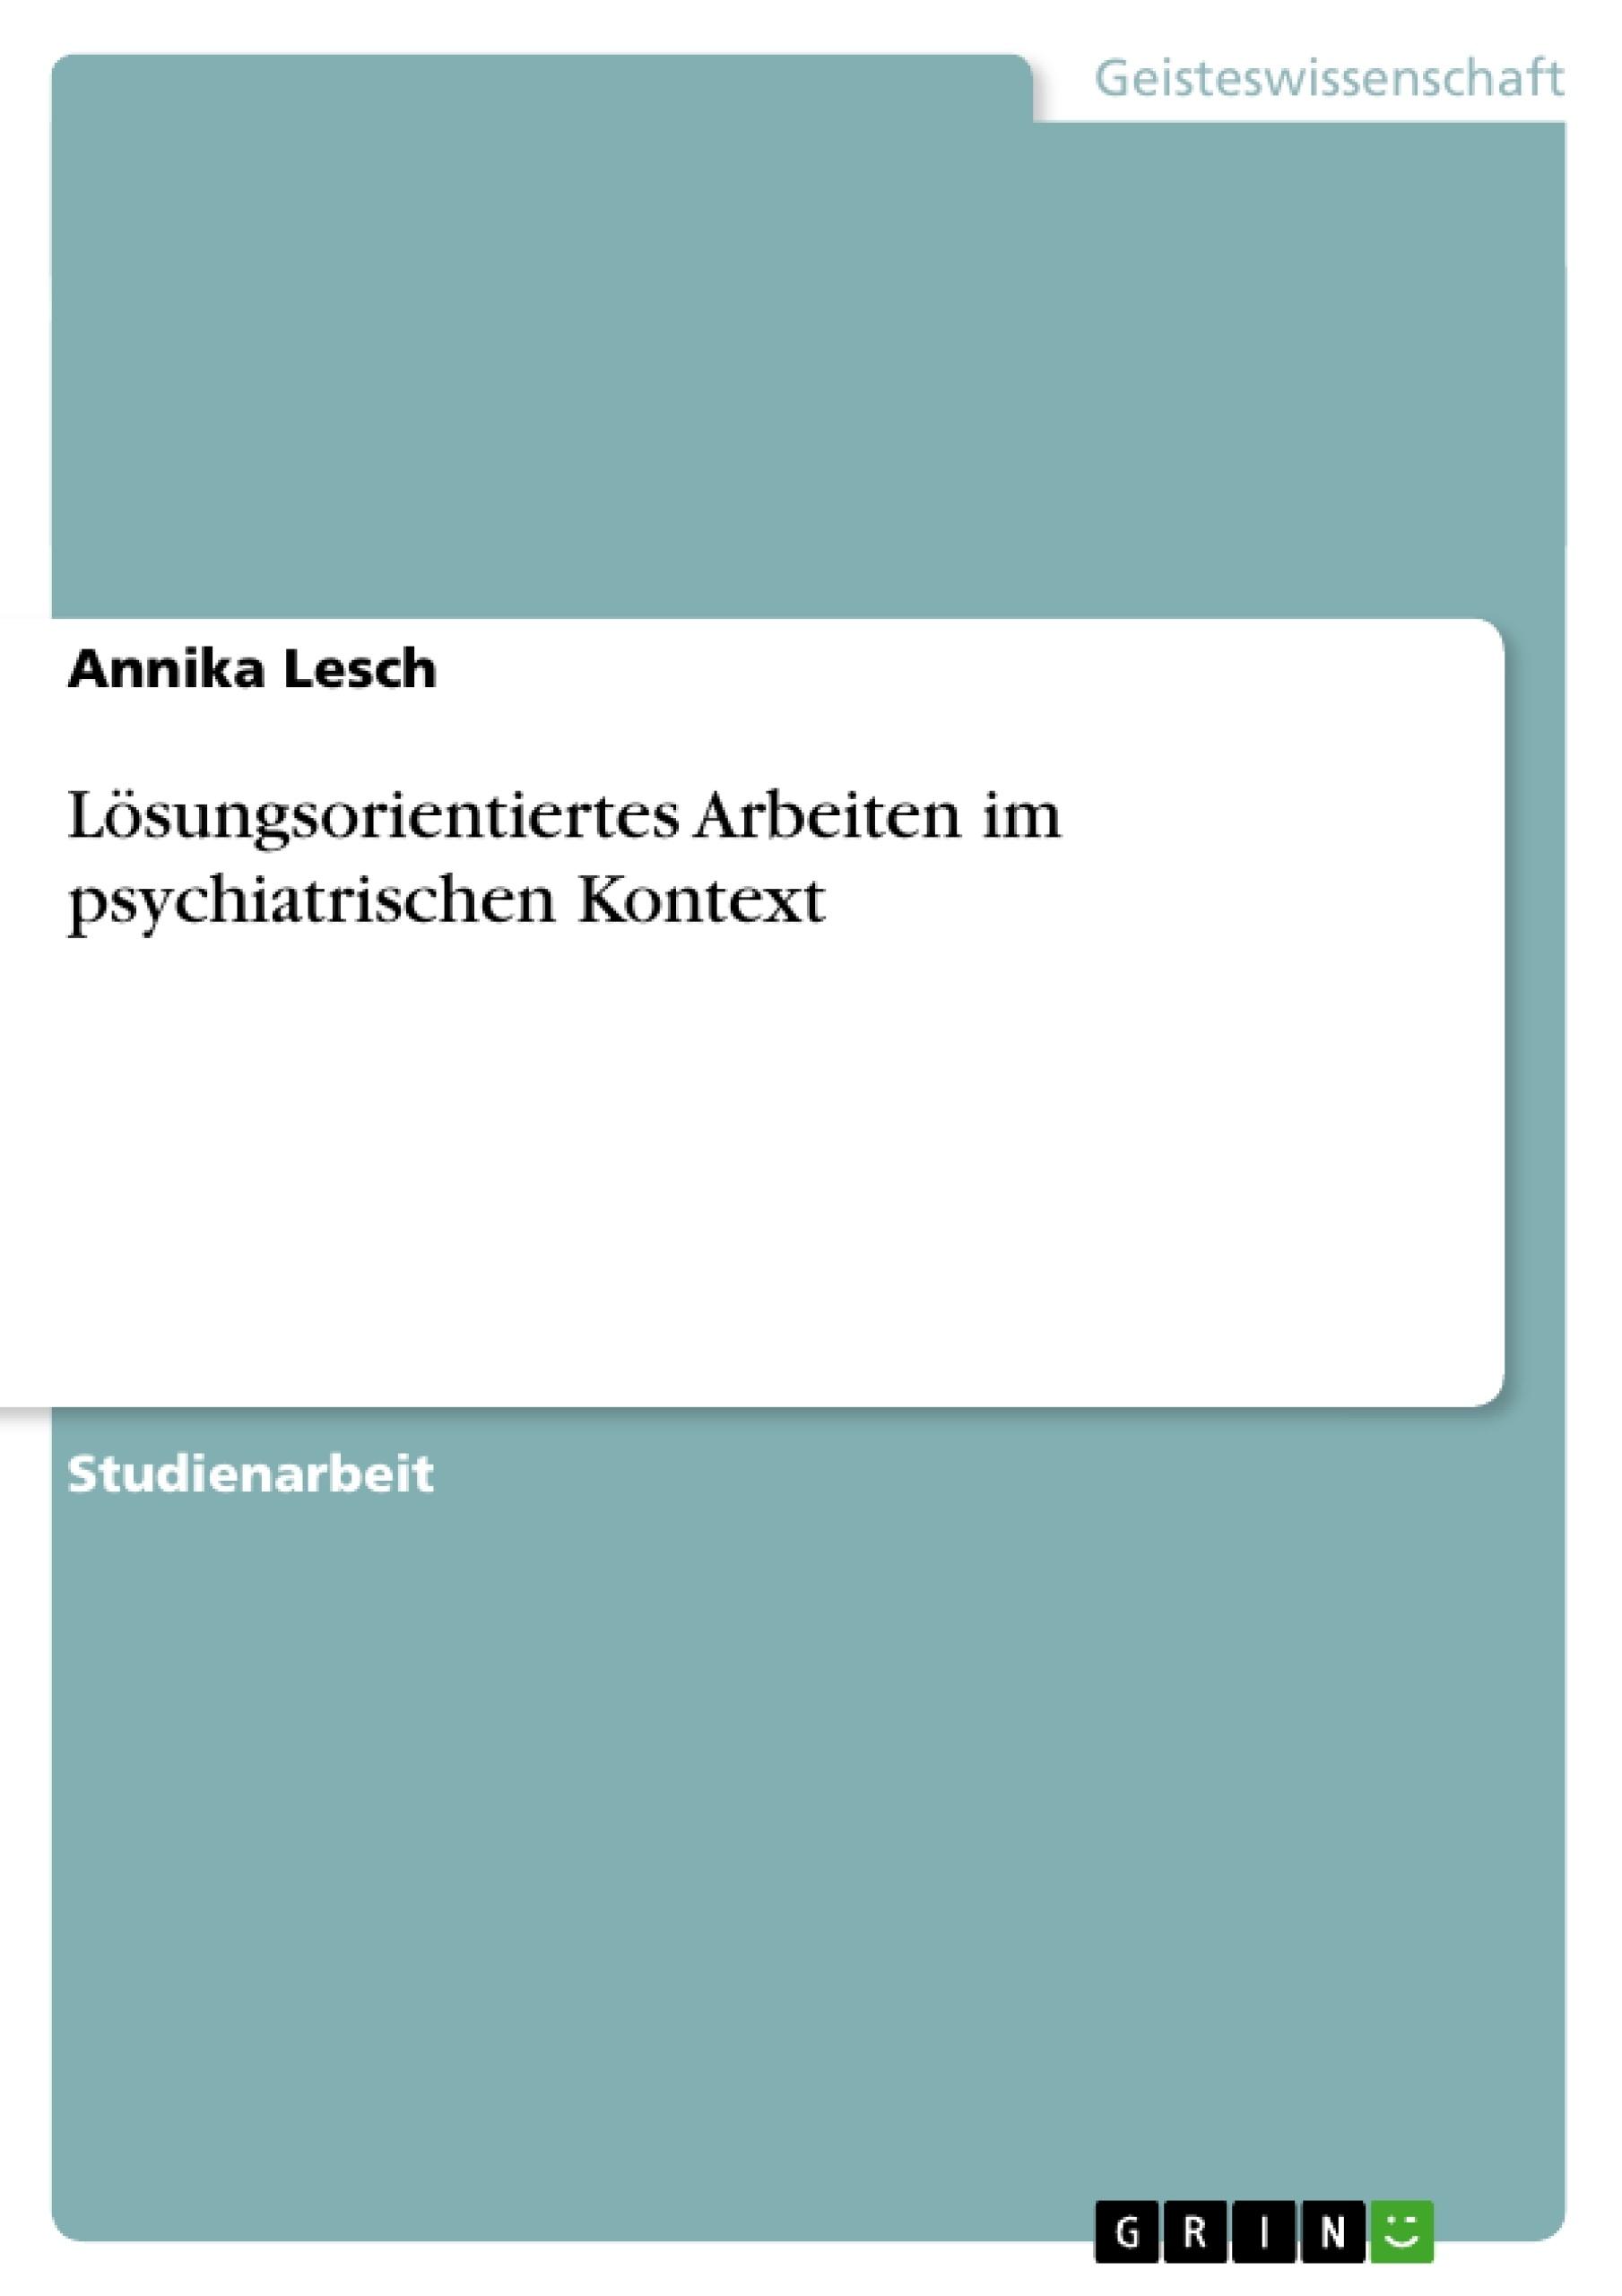 Titel: Lösungsorientiertes Arbeiten im psychiatrischen Kontext